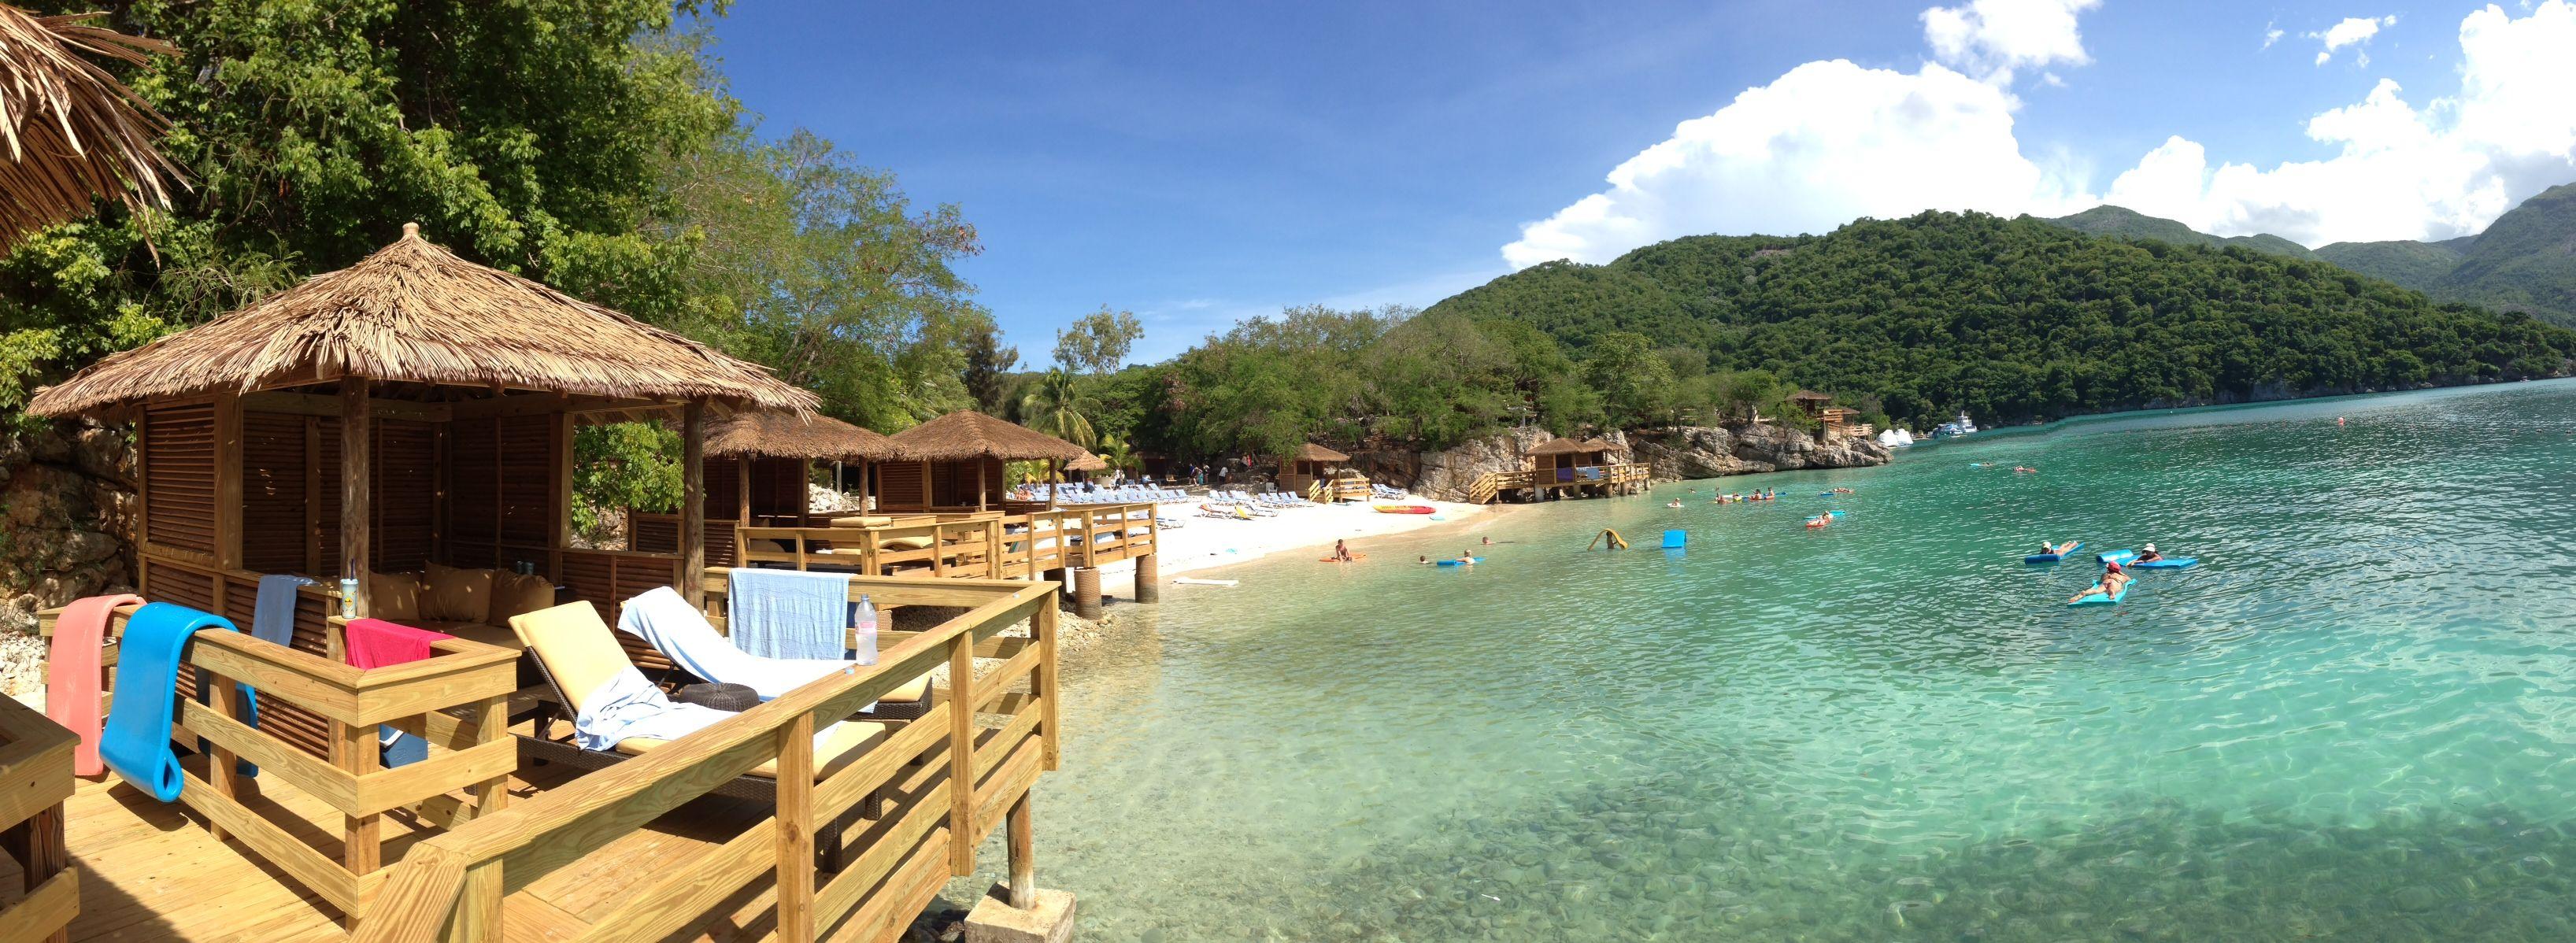 Barefoot Beach Labadee Haiti Harbor